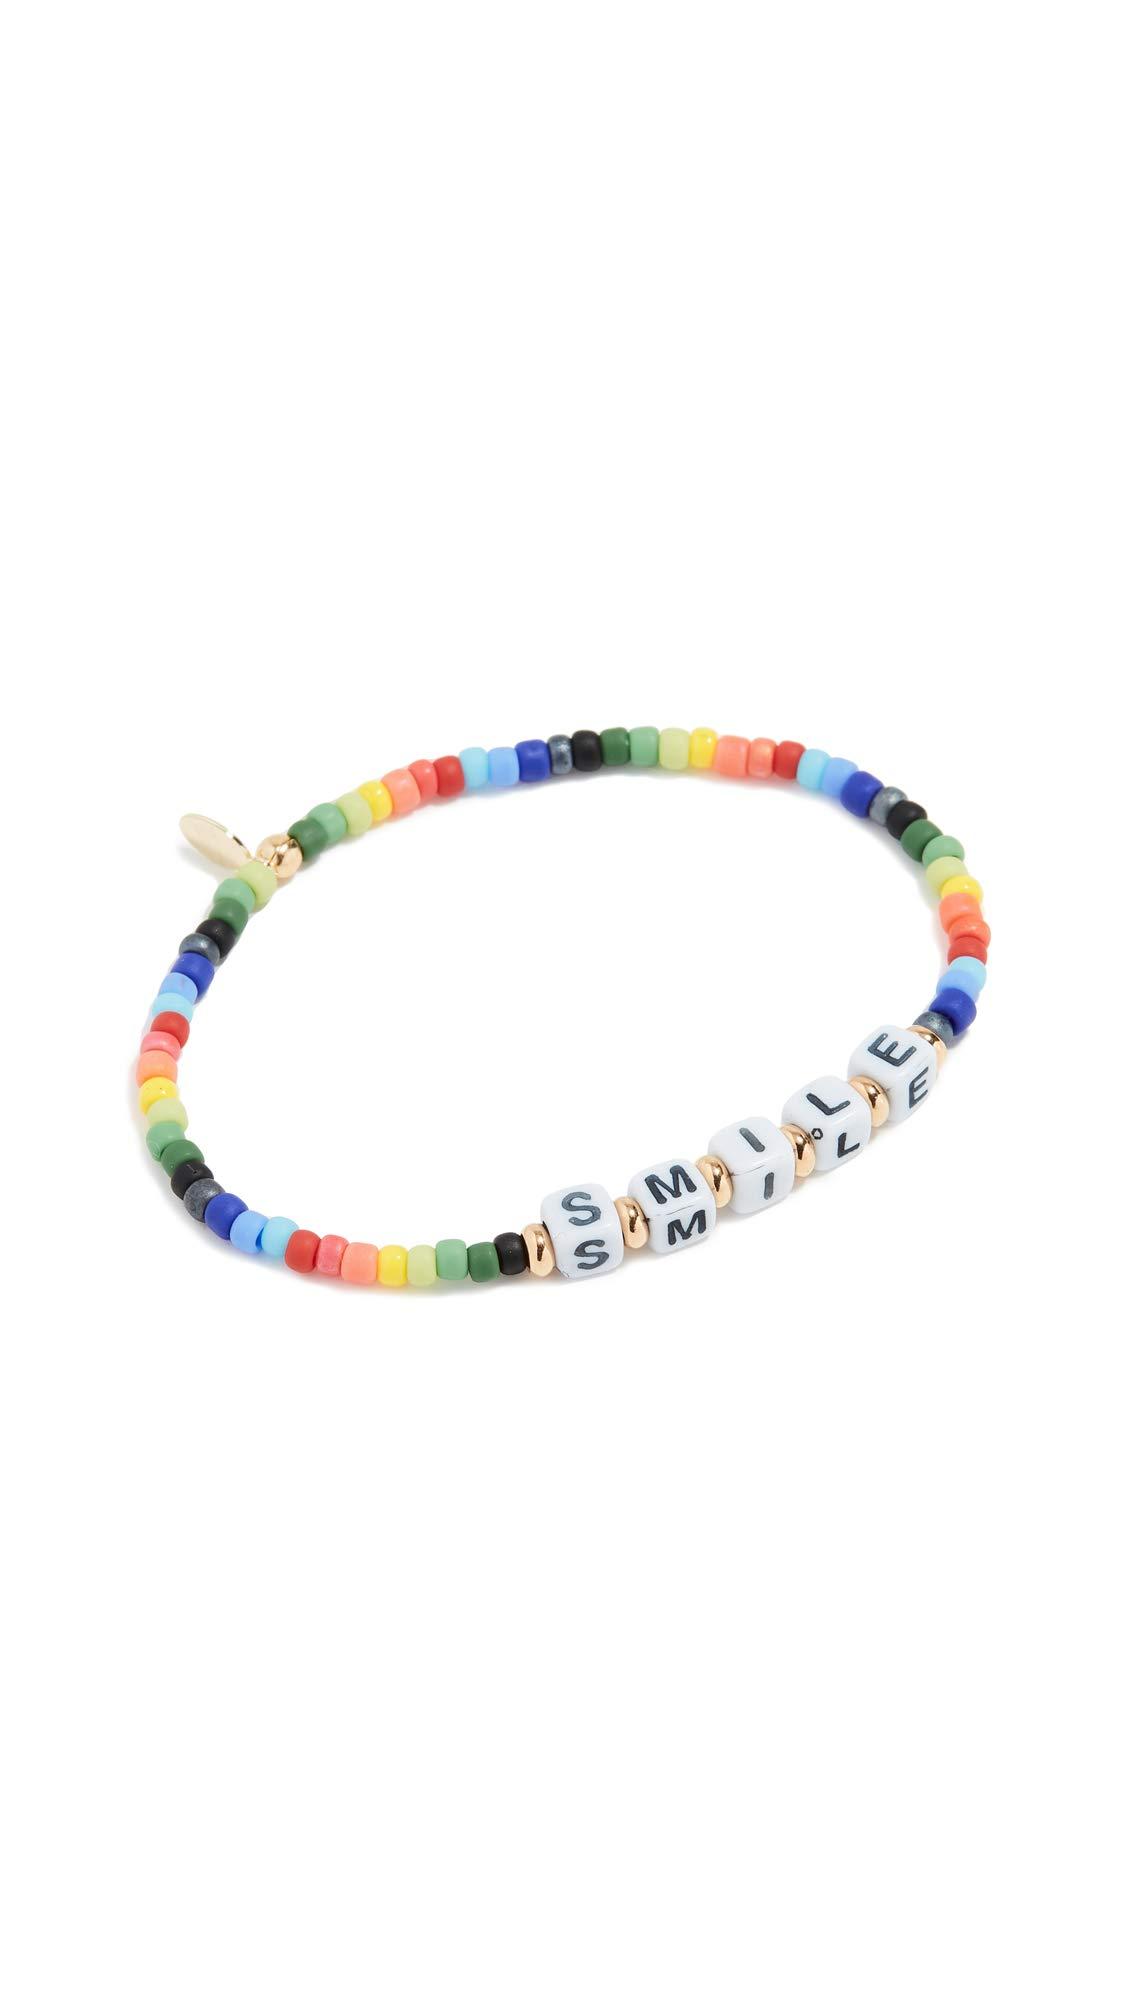 SHASHI Women's Smile Bracelet Rainbow, Multi, One Size